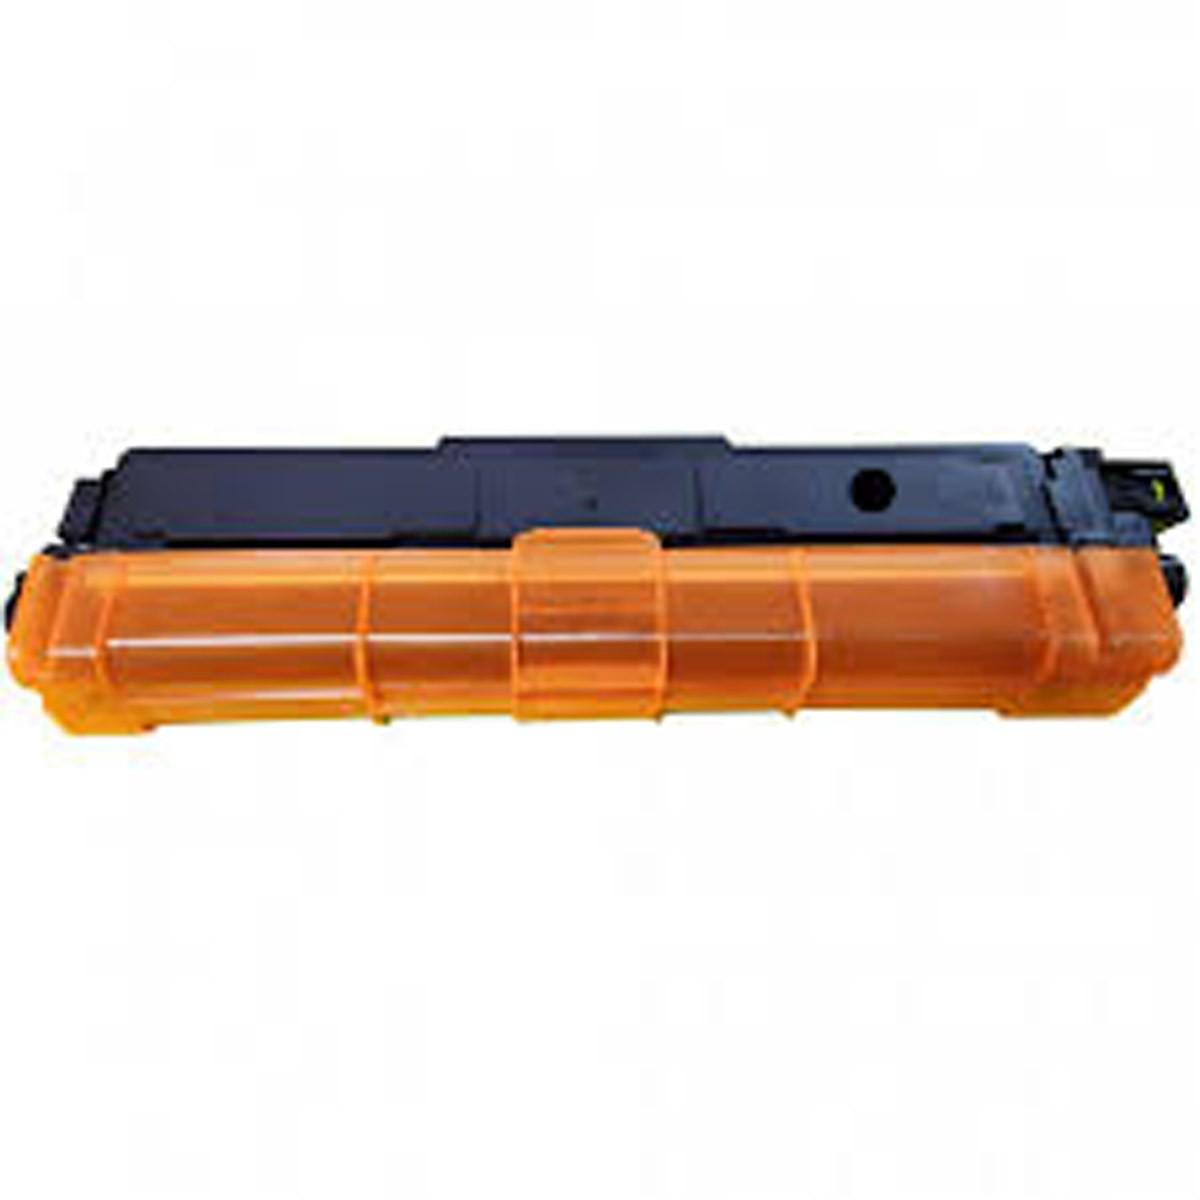 Toner Brother TN217 TN213 Magenta - L3750 L3210 L3230CDW L3550CDW L3770CDW